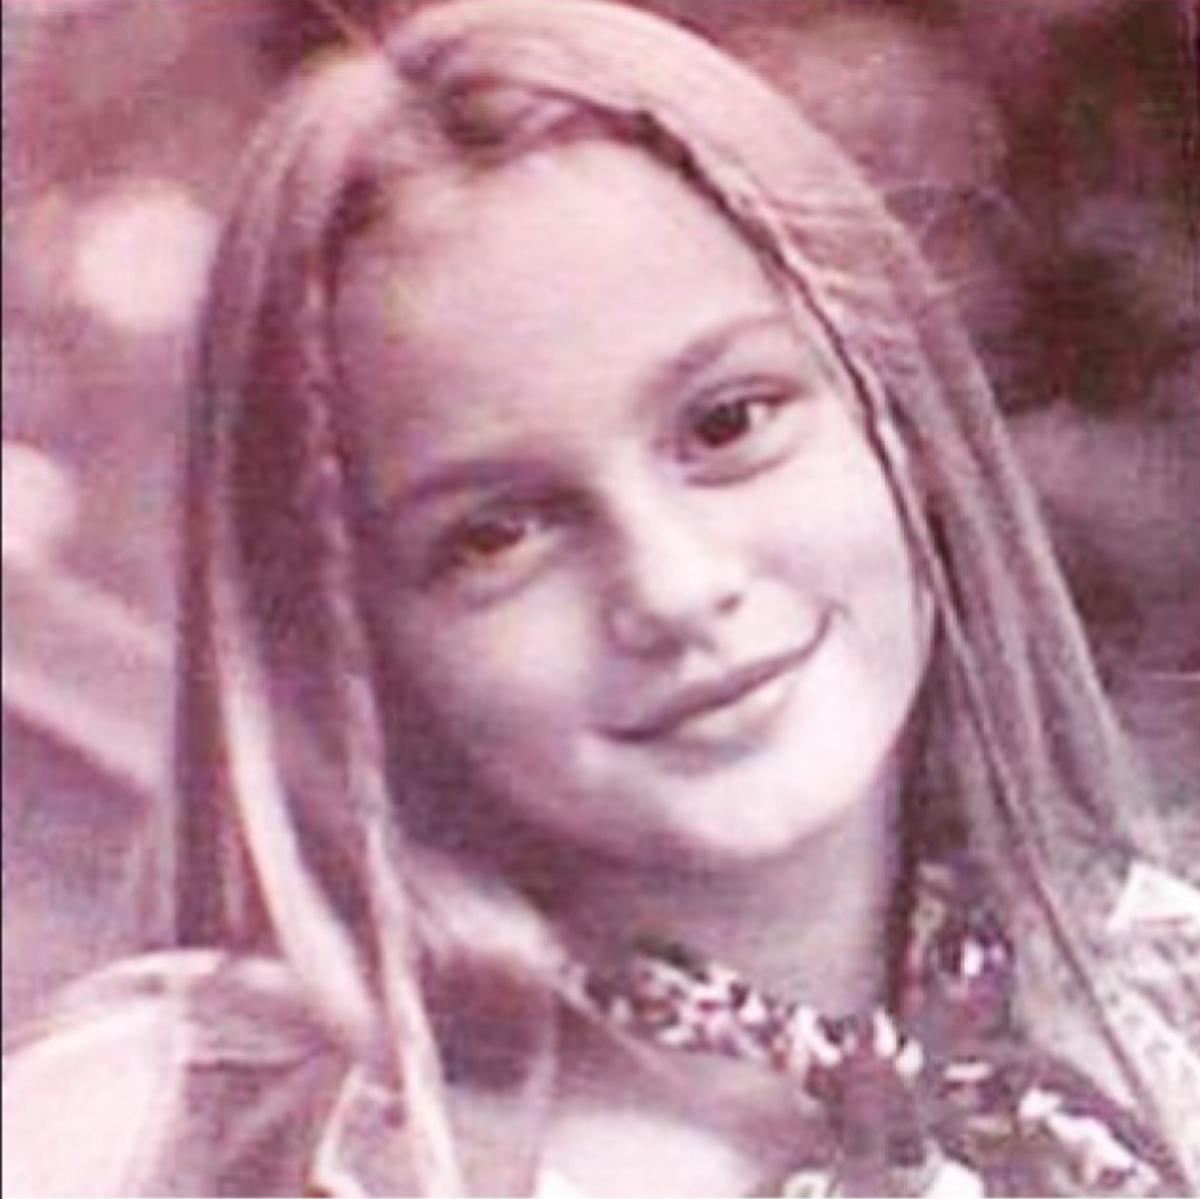 ドラマ『ゴシップガール』のブレア・ウォルドーフ役でブレイク。人気絶頂の時、両親をはじめ家族一同が麻薬密輸により逮捕され、母親は服役中に彼女を出産したという衝撃の事実が明された。さらに、生活を支えるため10歳からモデルとして働き始めたとか。